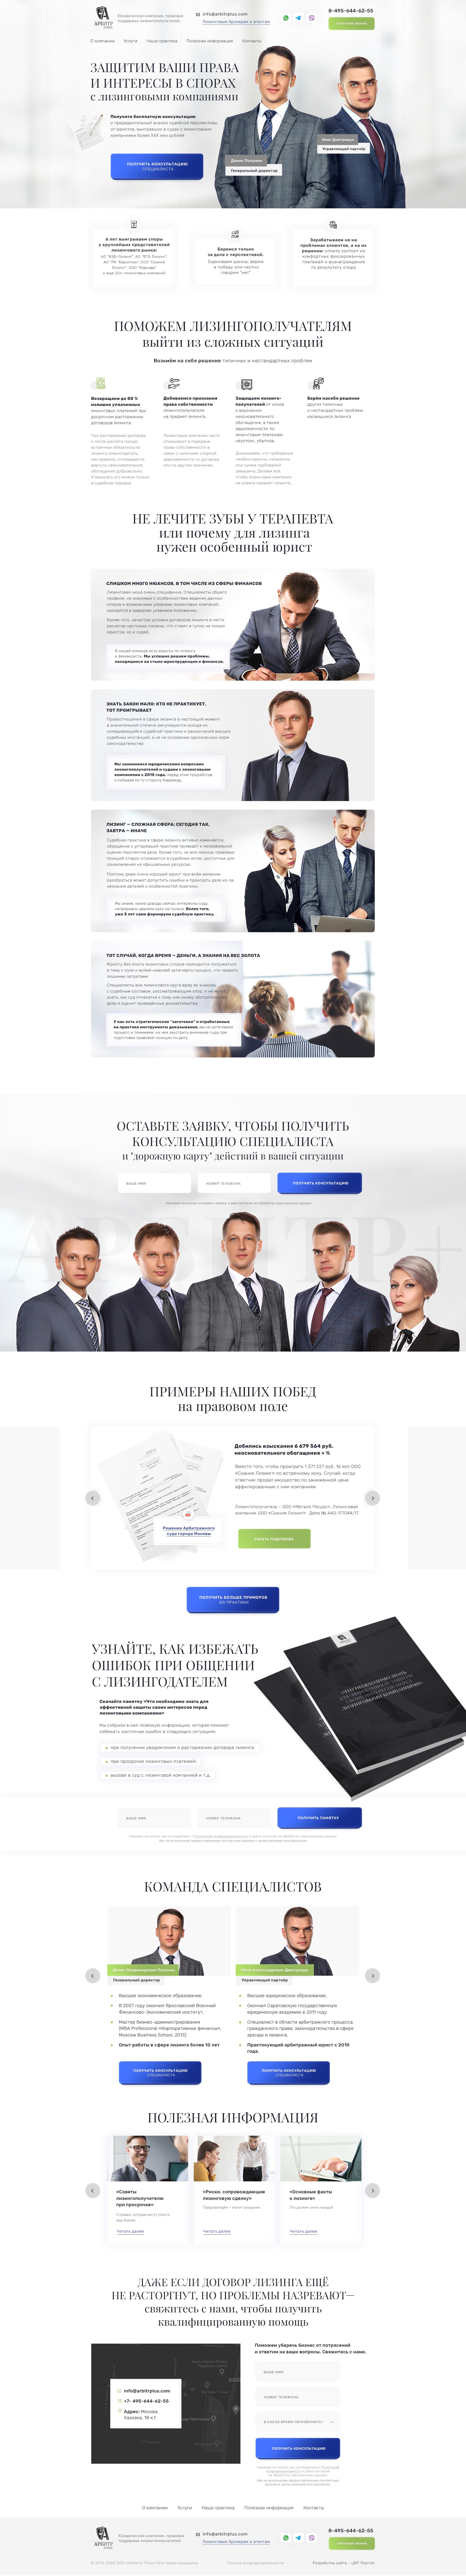 Разработка сайта юридической компании в Москве - АрбитрПлюс